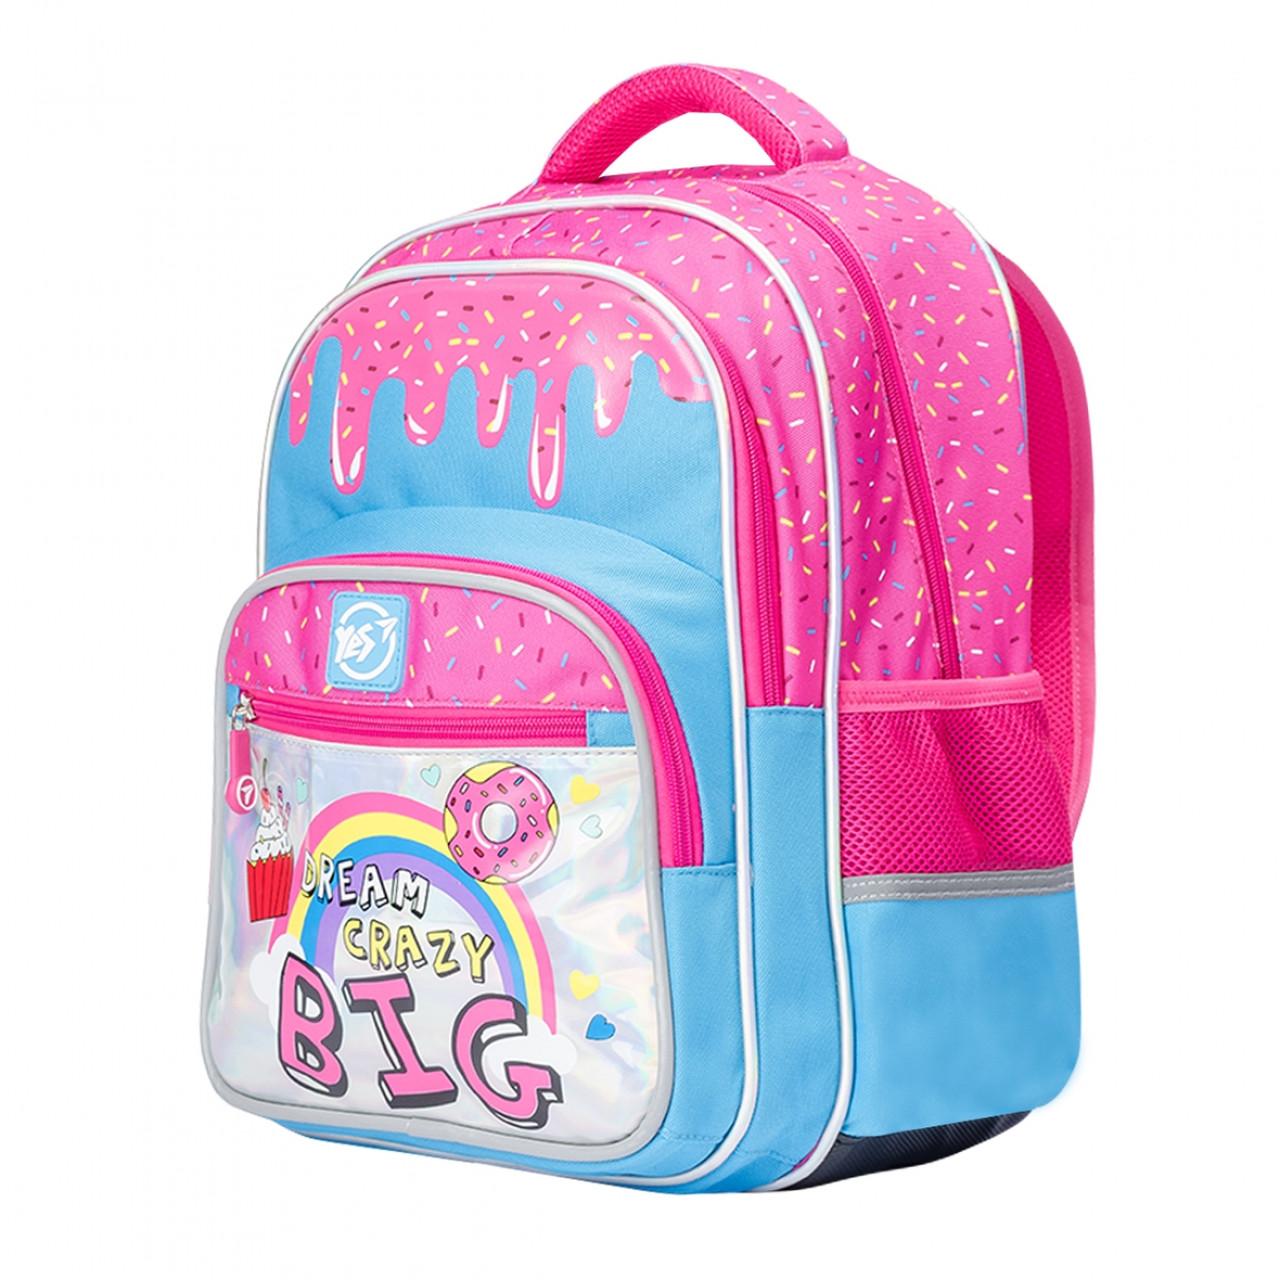 Рюкзак шкільний YES S-37 Dream Crazy (558164)